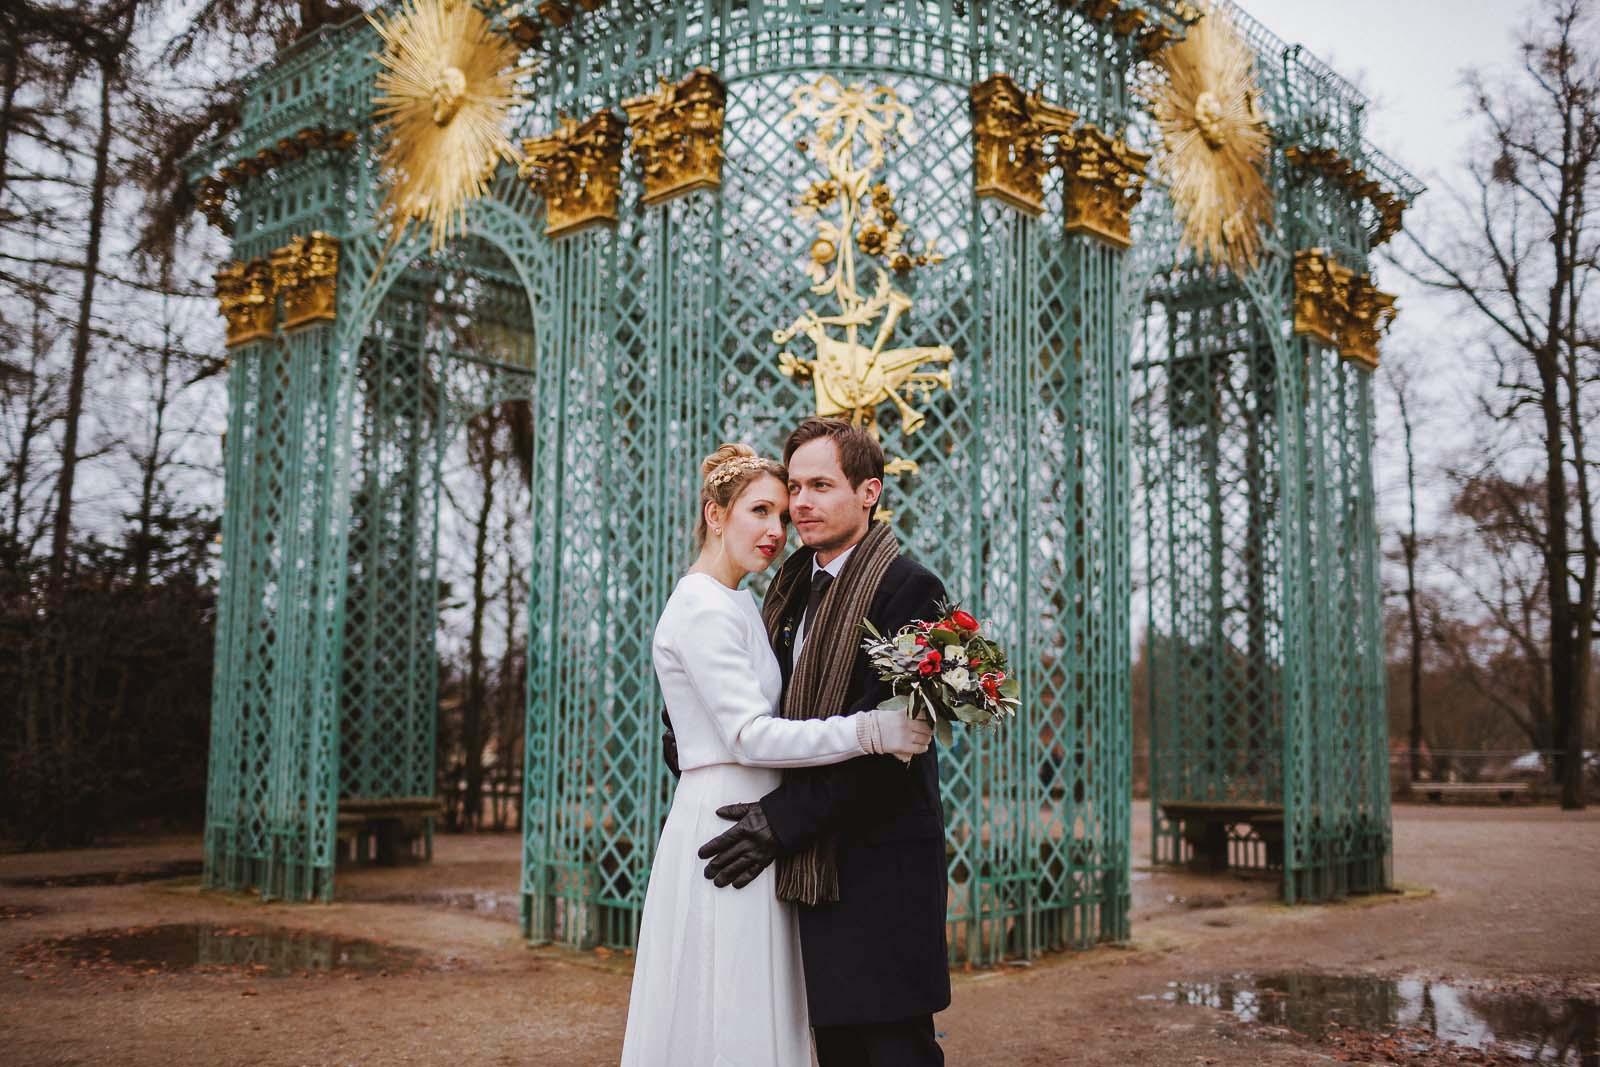 Hochzeitsfotograf Potsdam mit Brautpaar im Schlosspark Sanssouci Copyright by Hochzeitsfotograf www.berliner-hochzeitsfotografie.de